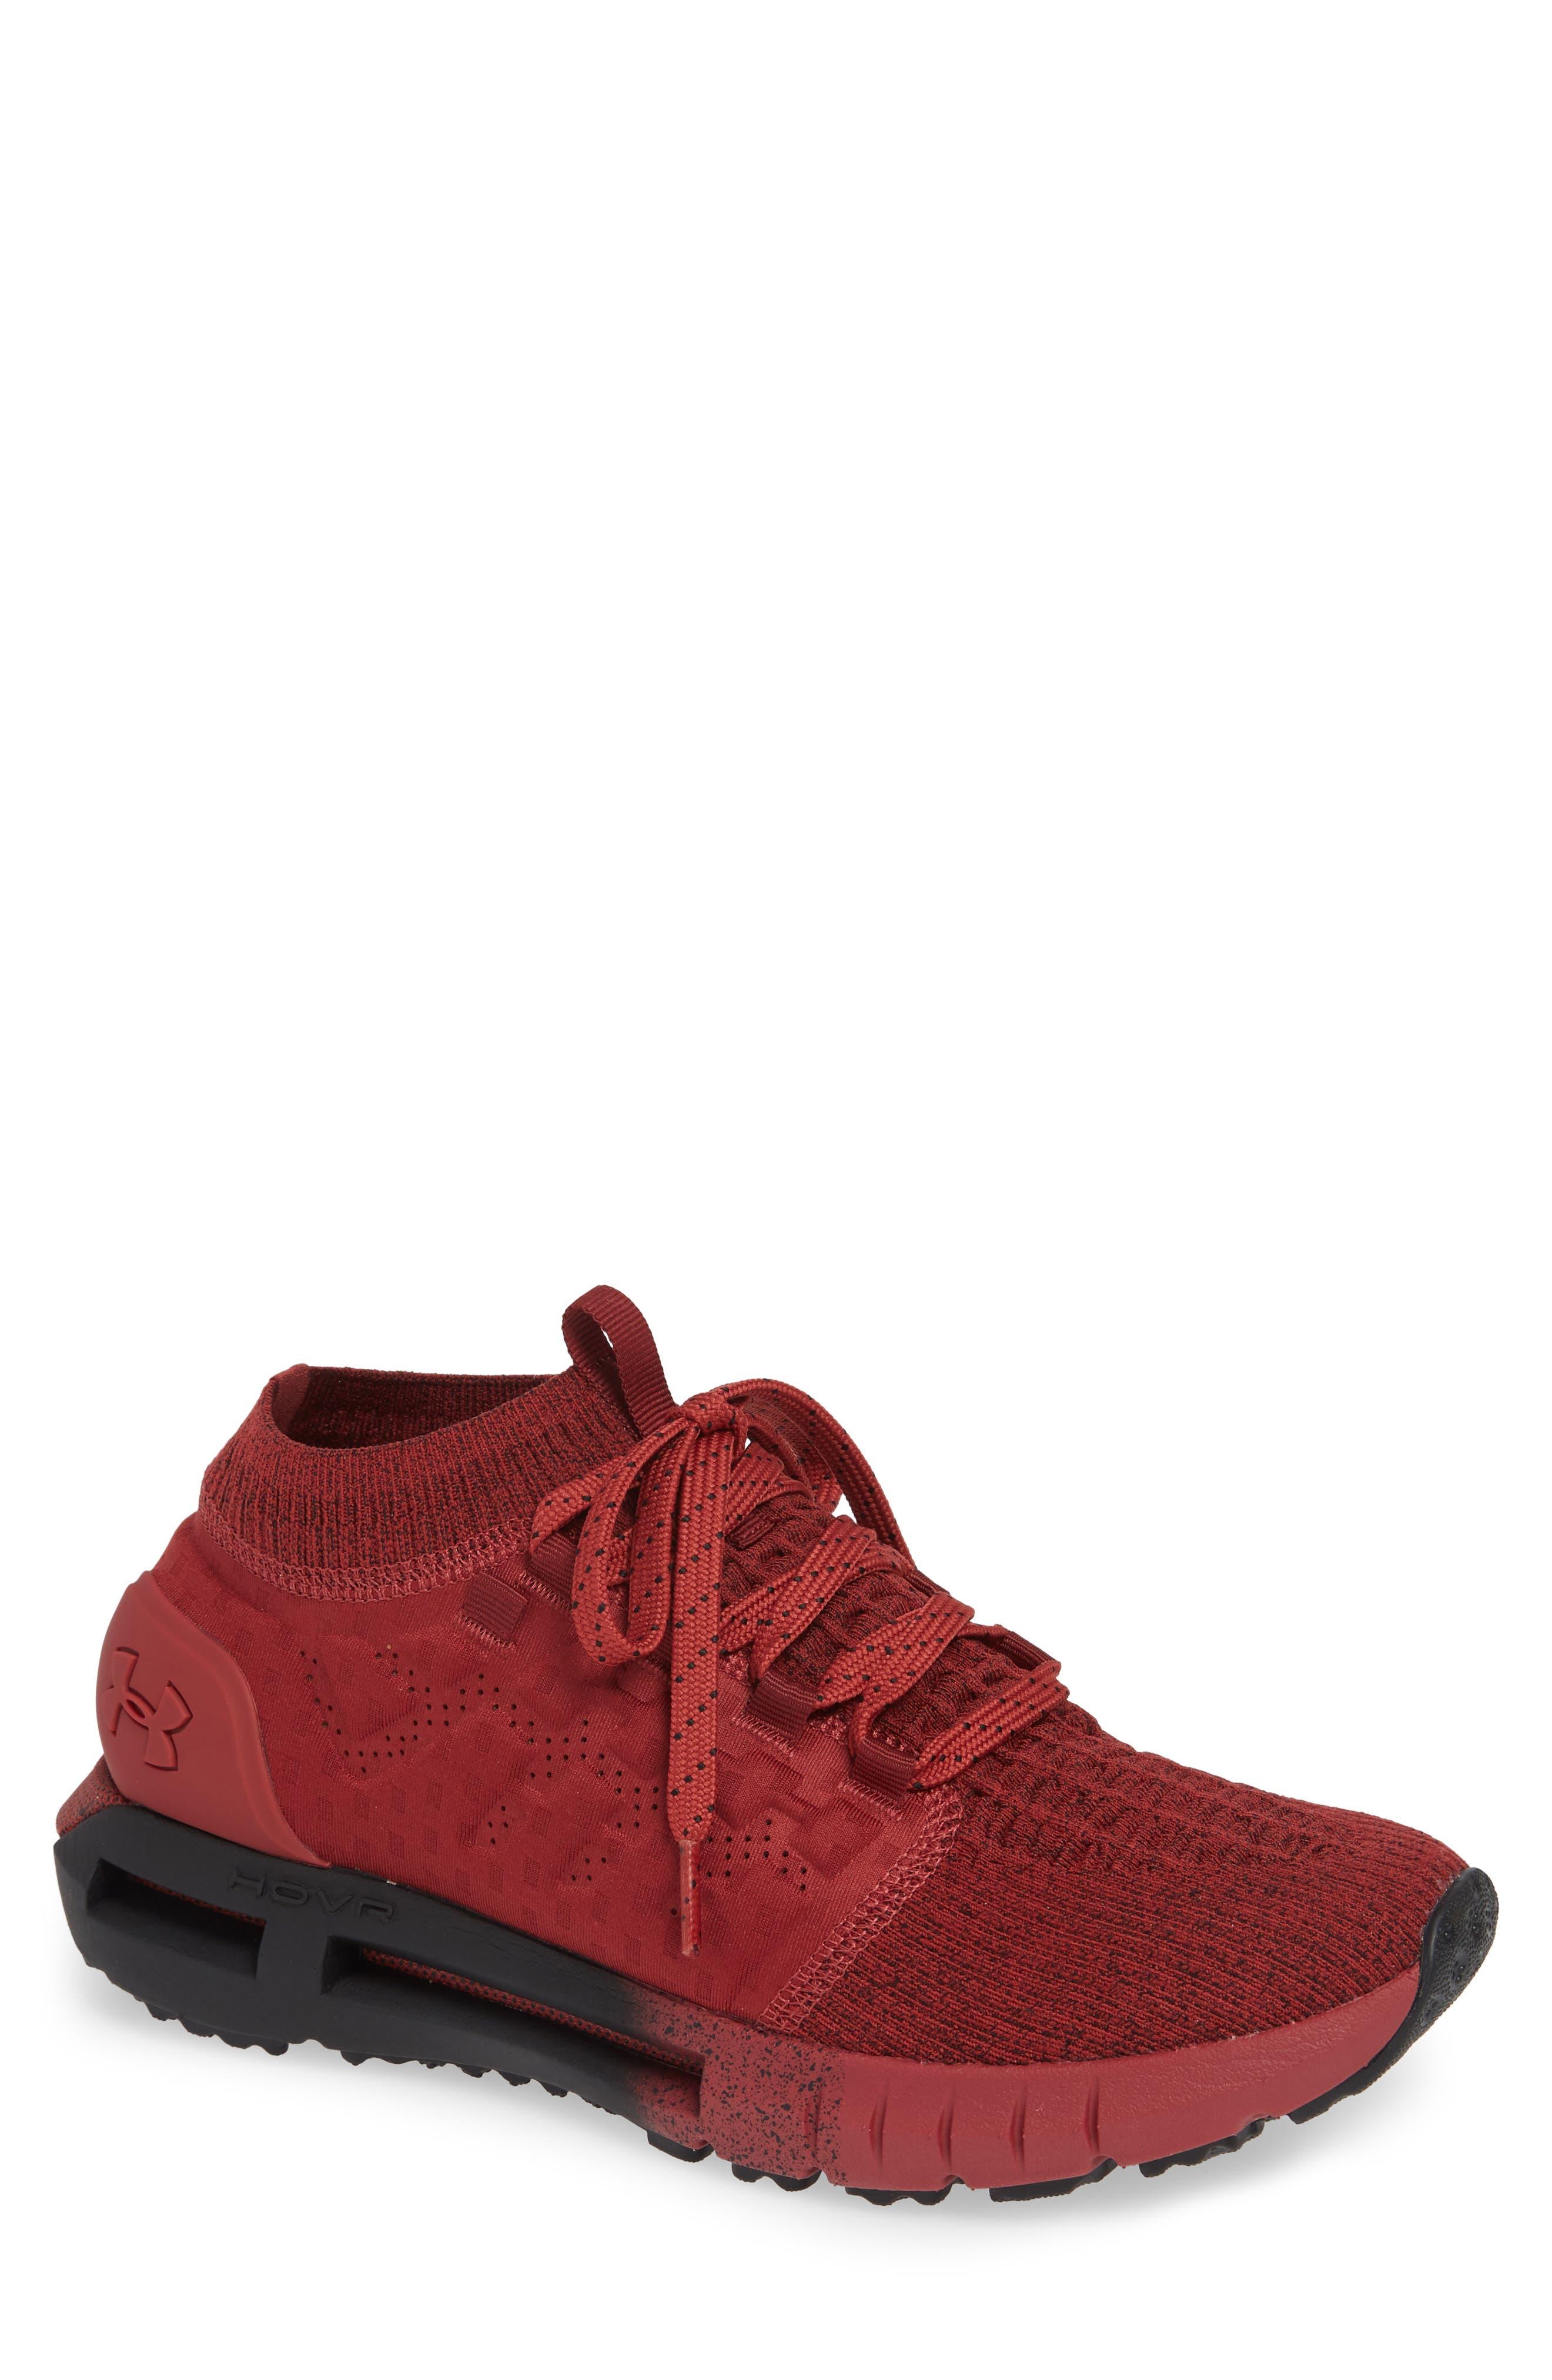 HOVR Phantom NC Sneaker, Main, color, 602